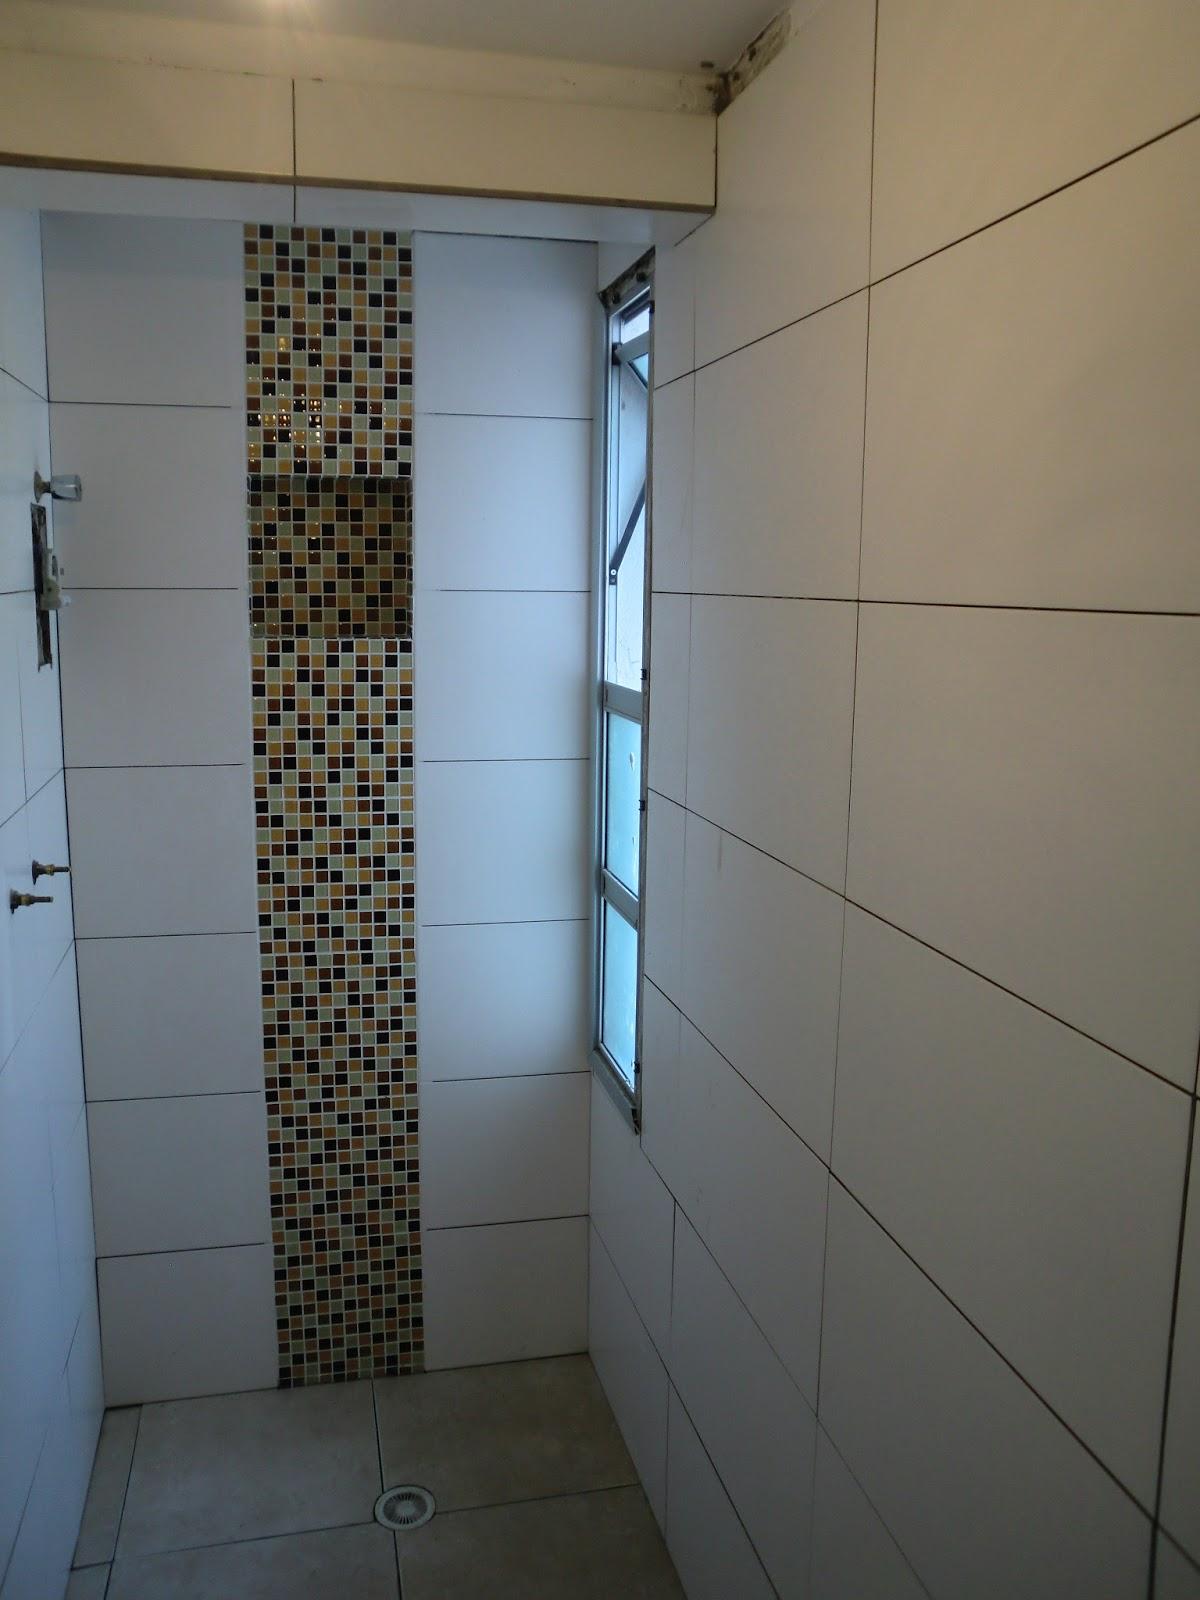 Banheiro pequeno reformado com pastilha rejuntando revestimentos  #0984C2 1200x1600 Acabamento Banheiro Pequeno